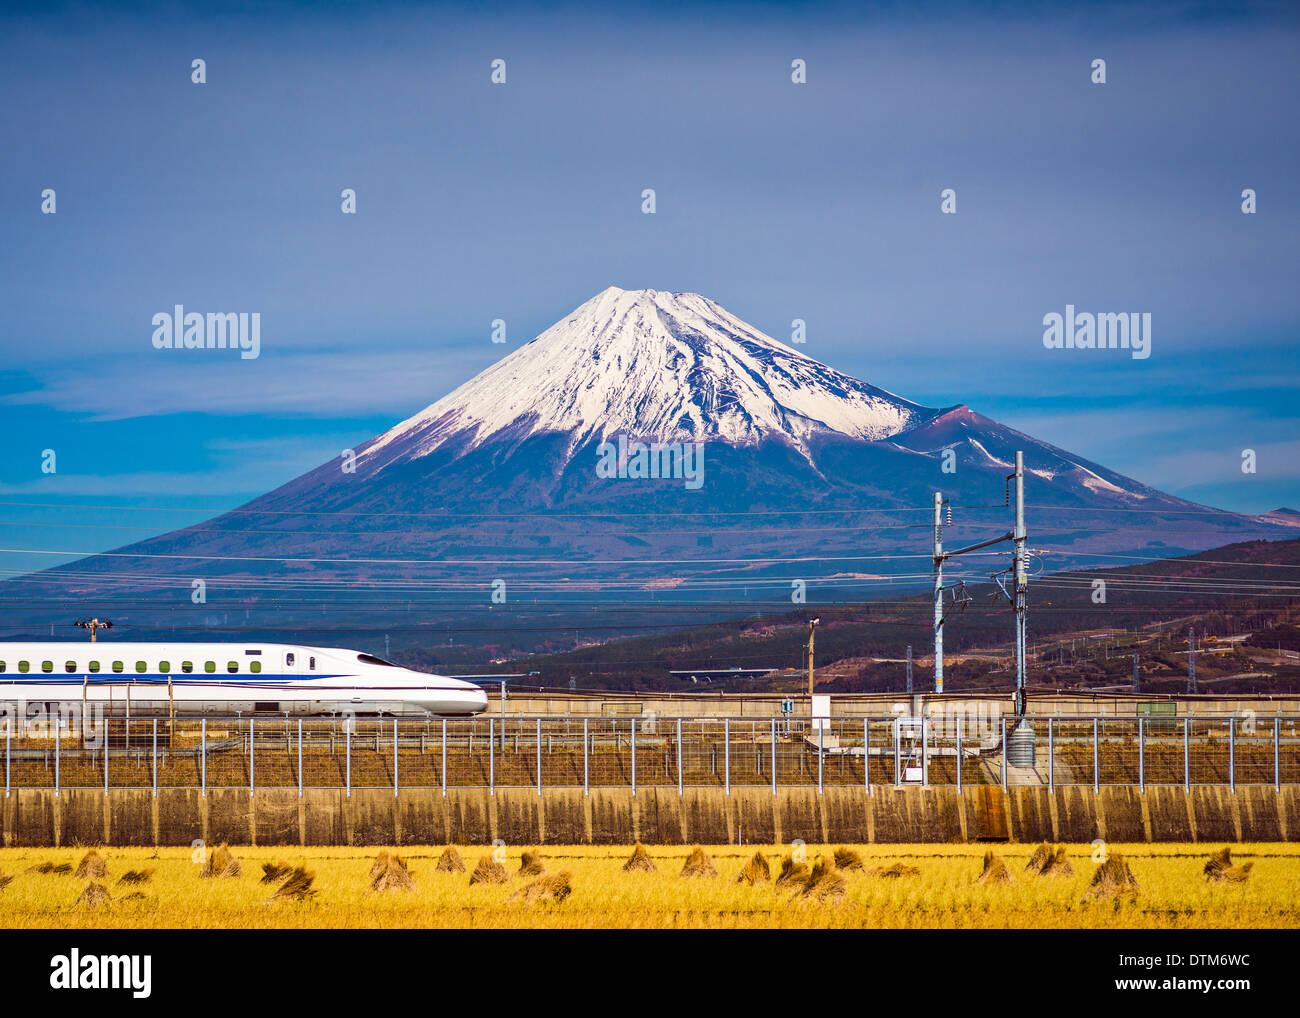 Mt. Fuji in Japan mit einem Zug unterhalb. Stockfoto